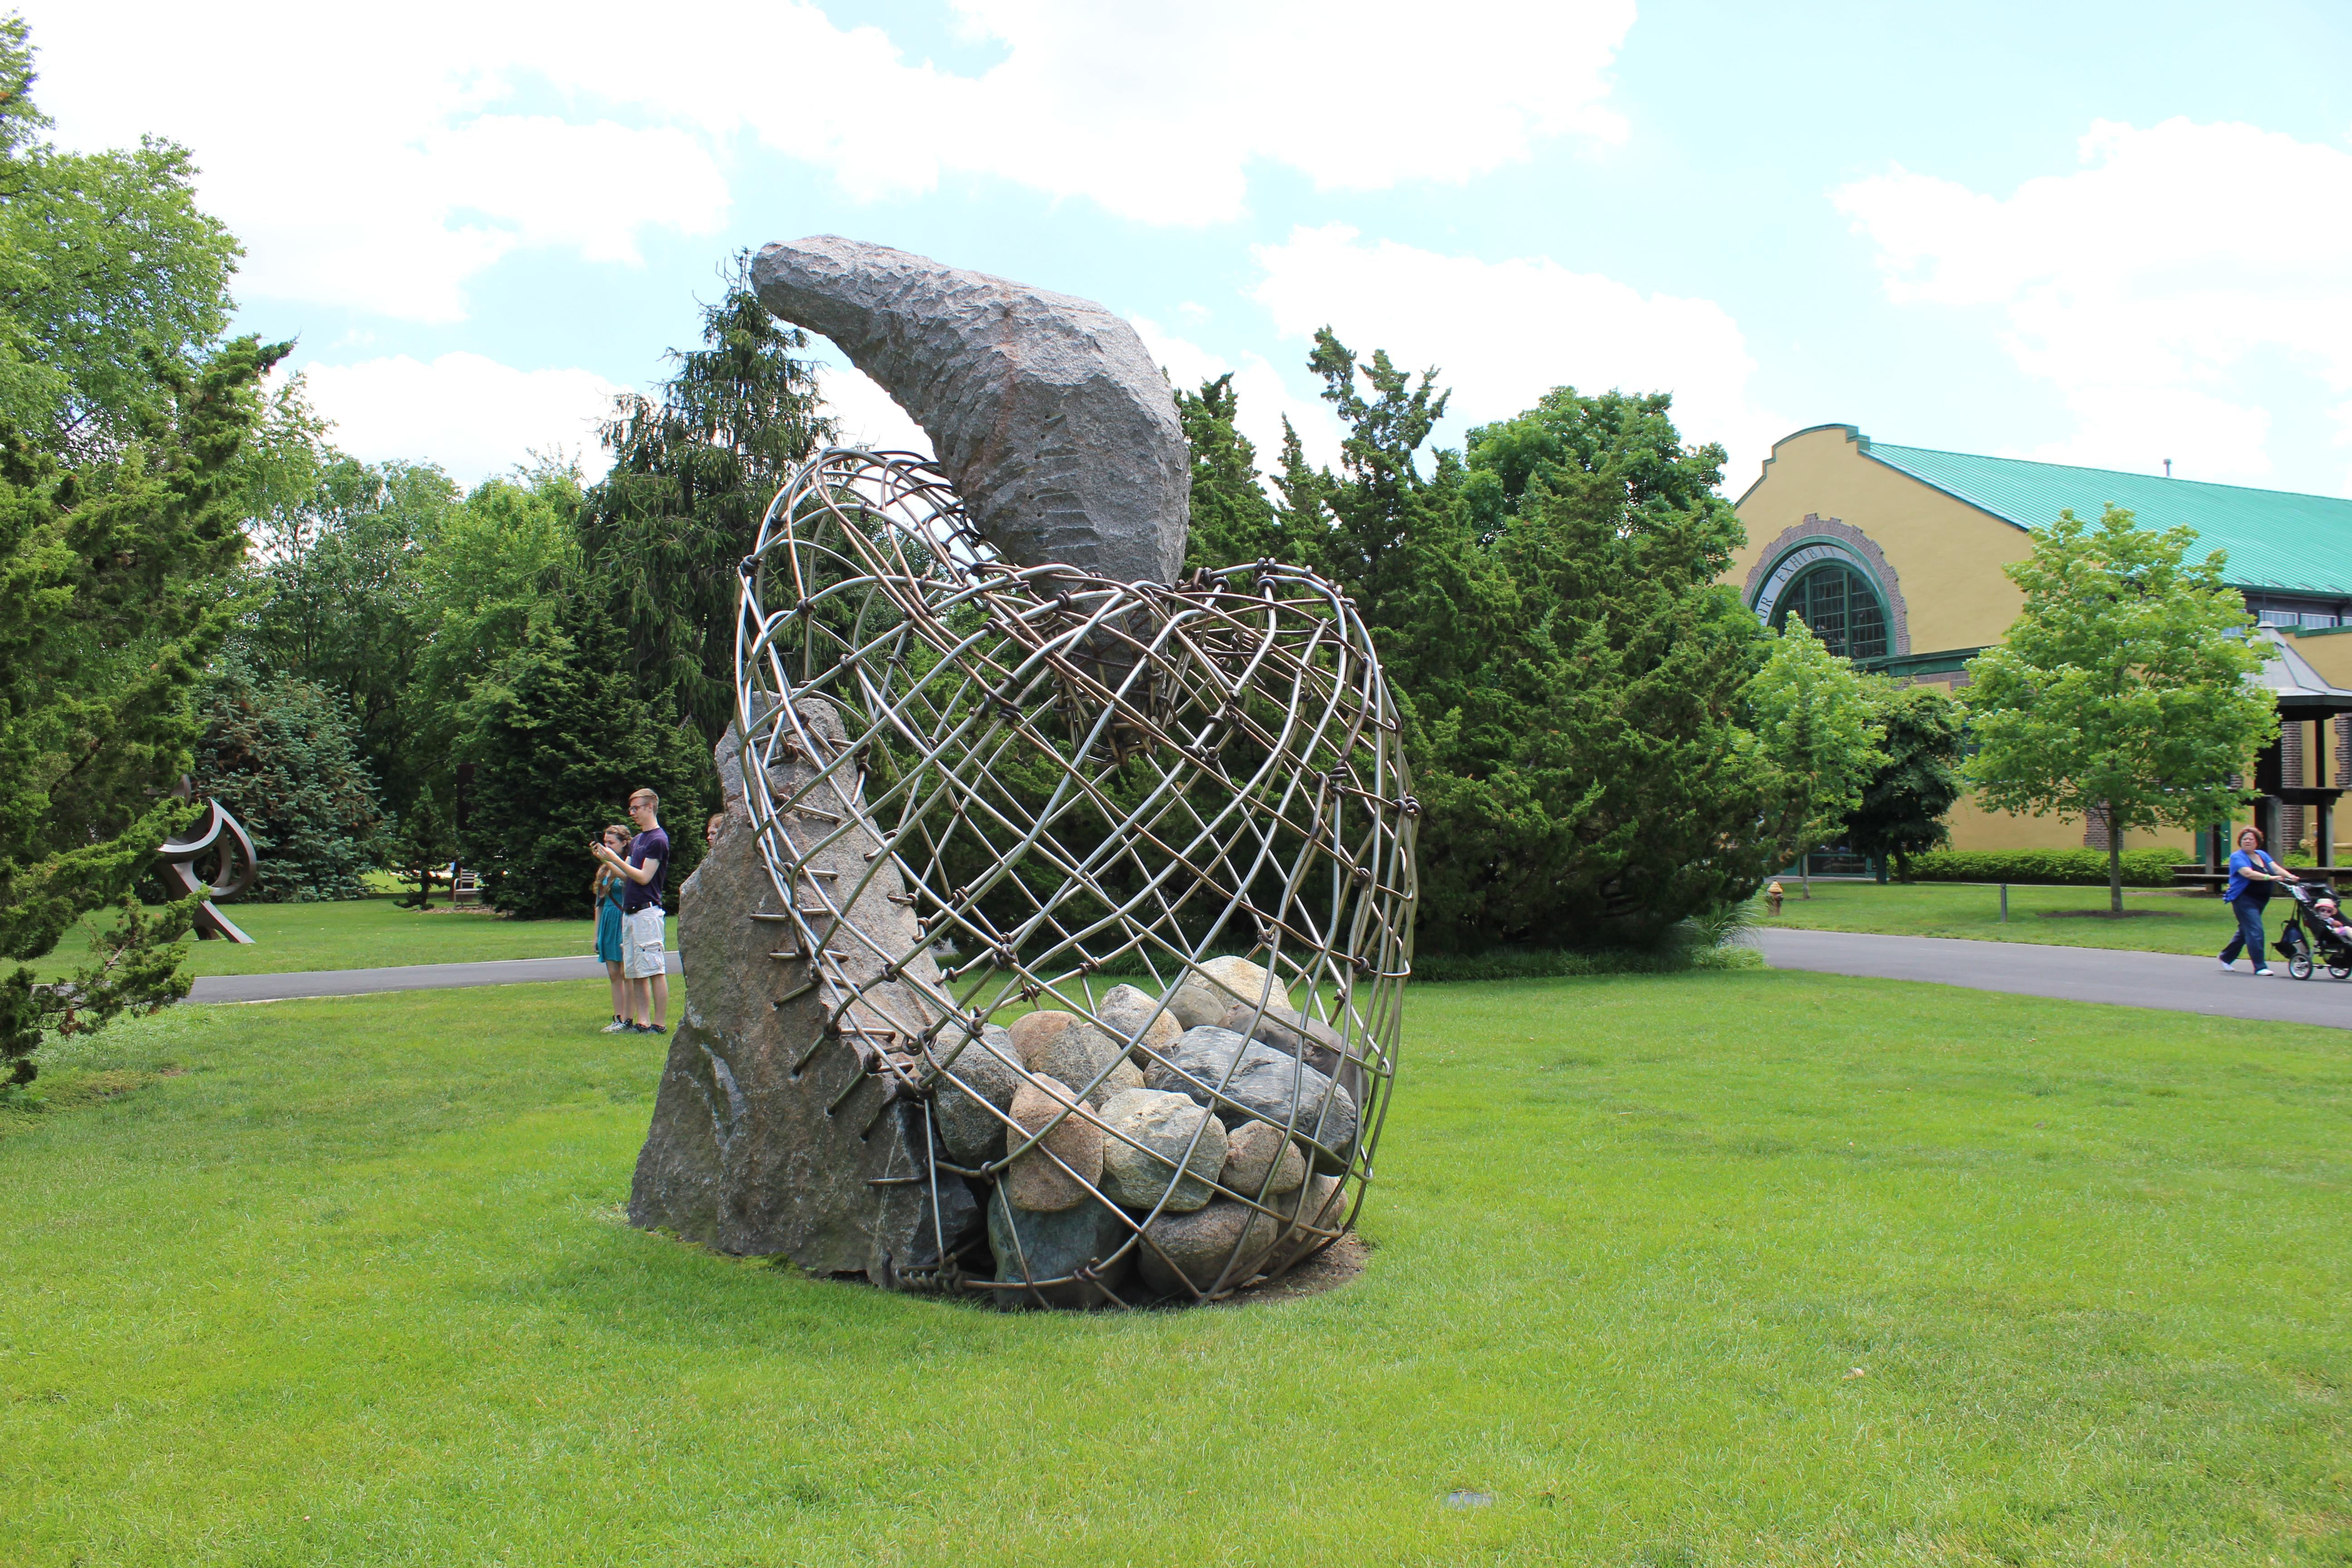 Cuckoo's Nest by Zoran Mojsilov